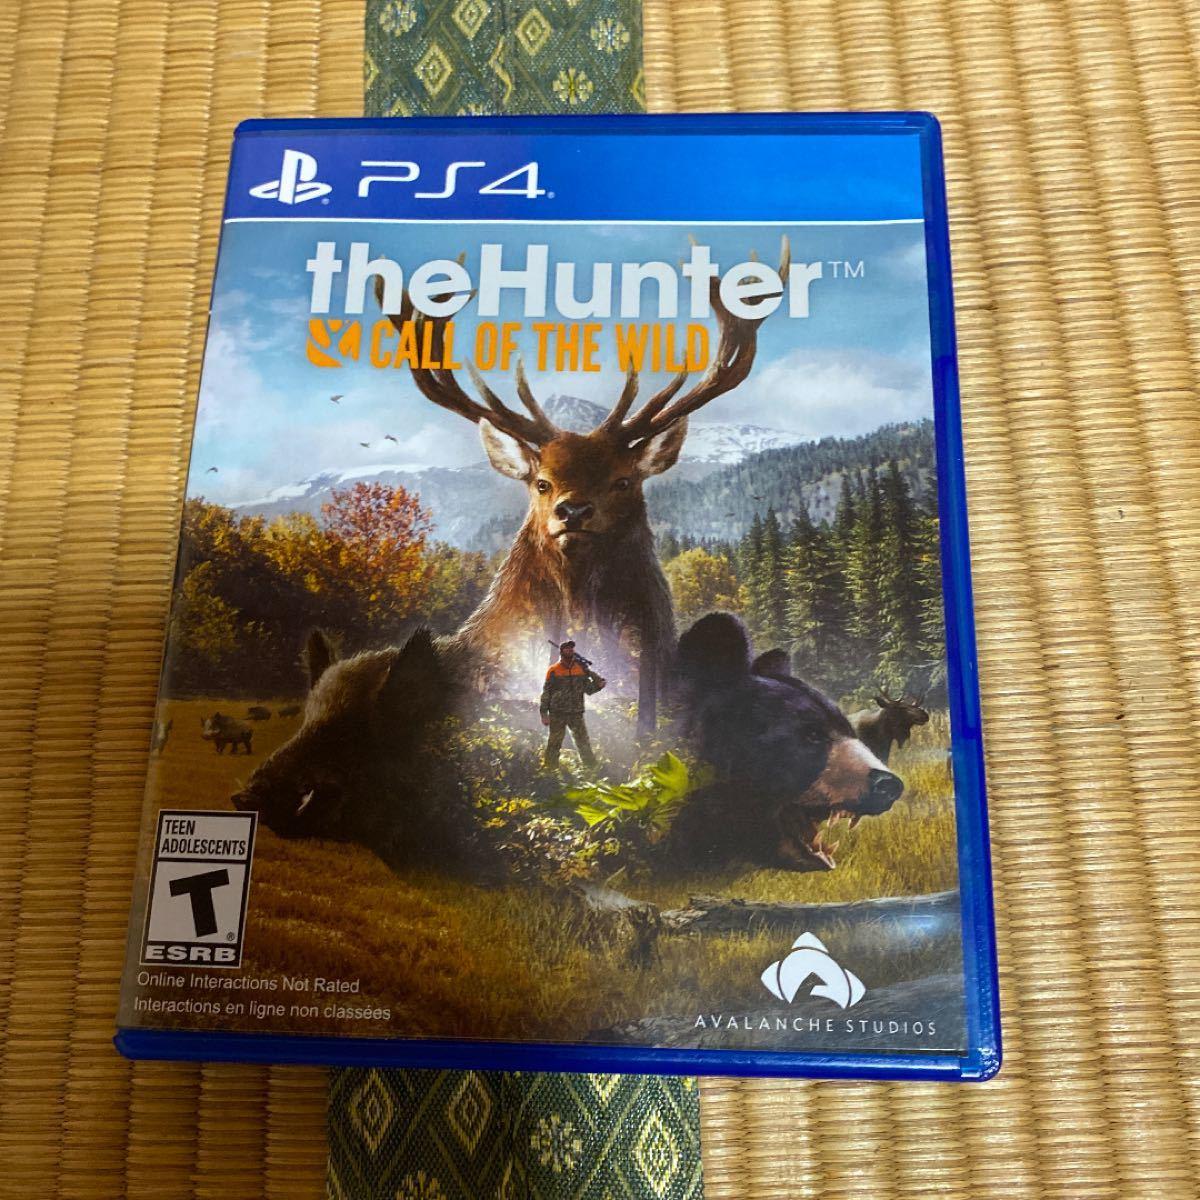 PS4 ザハンター